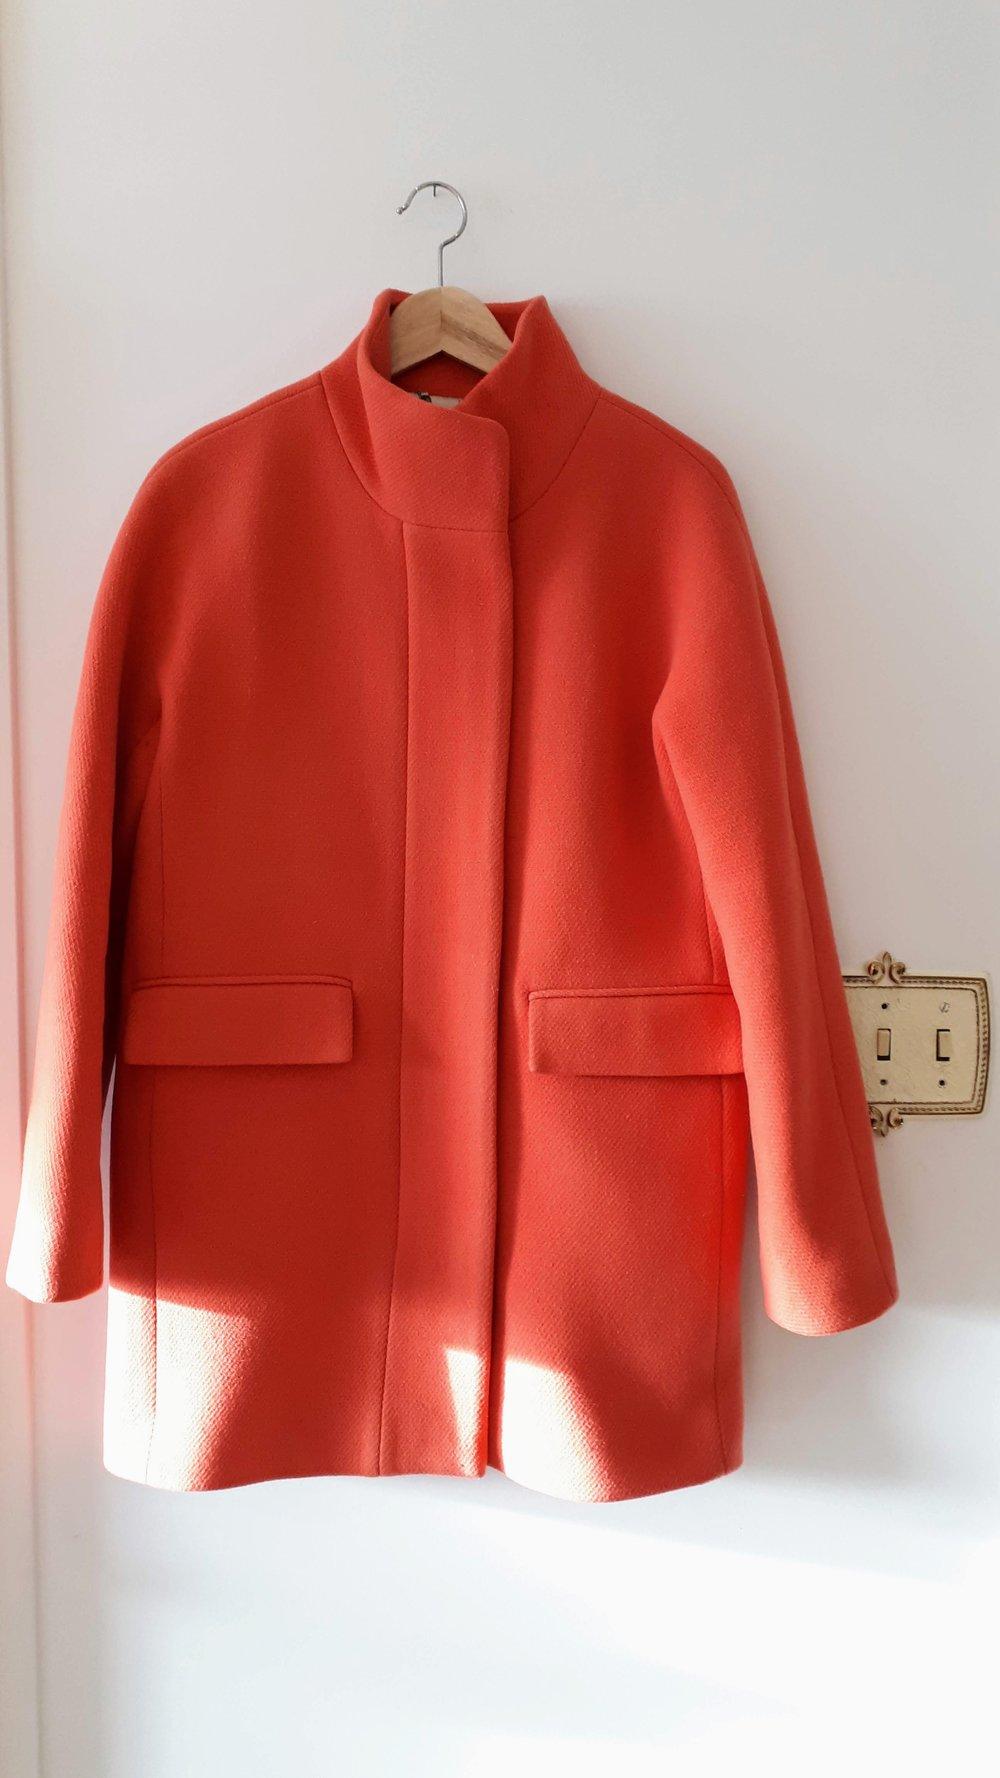 J Crew coat; Size 8, $58